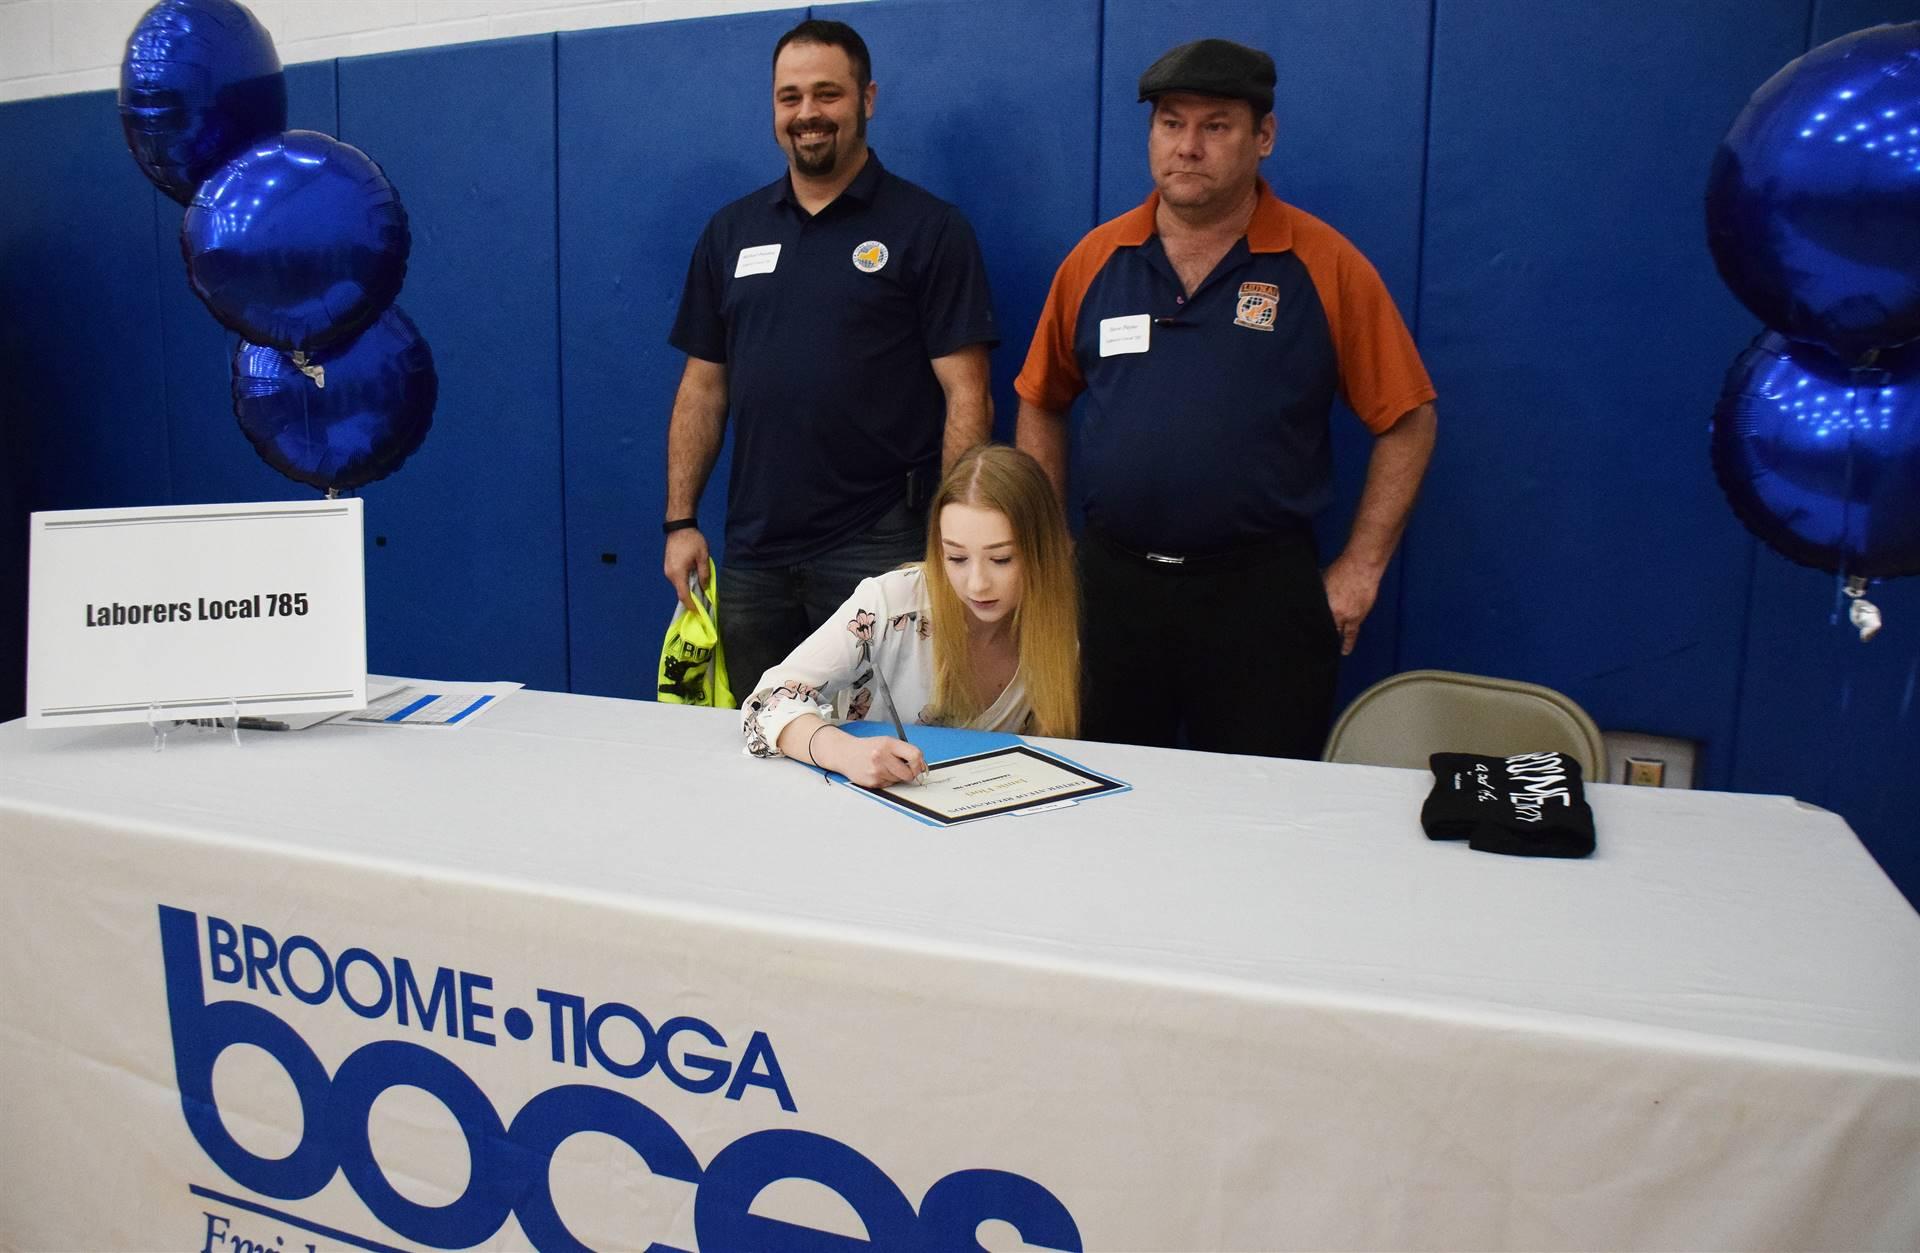 Career Signing Day photos